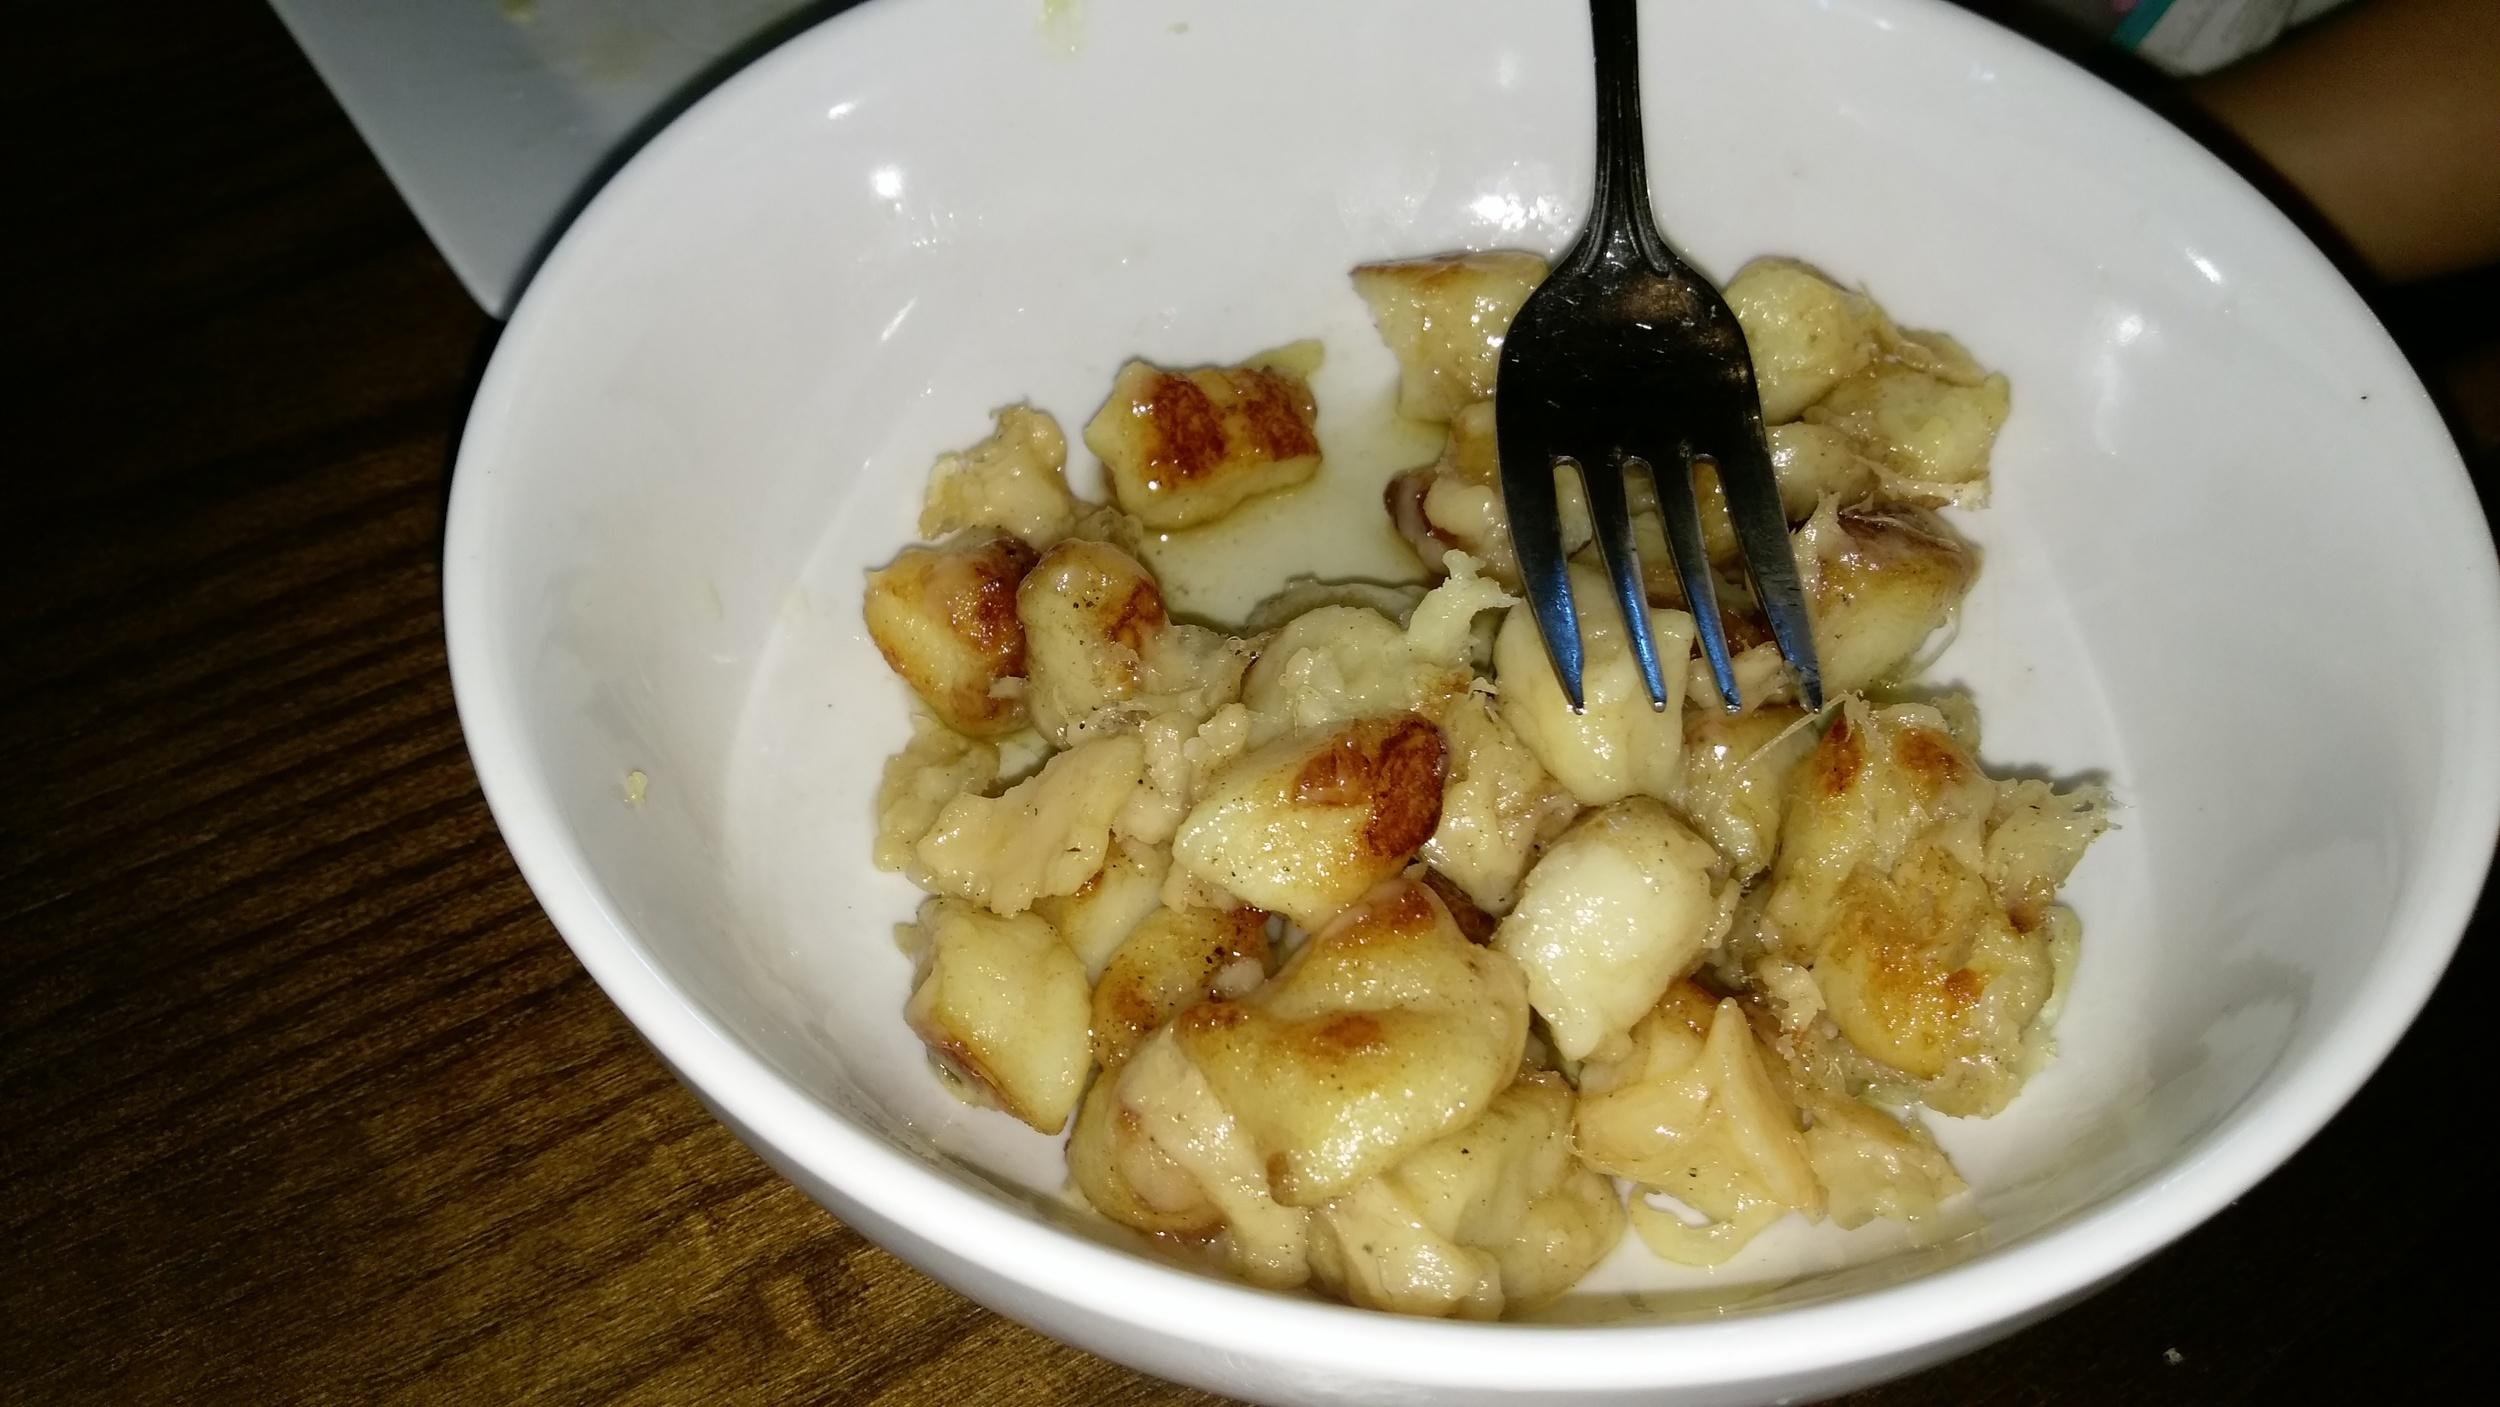 Cece's potato pasta